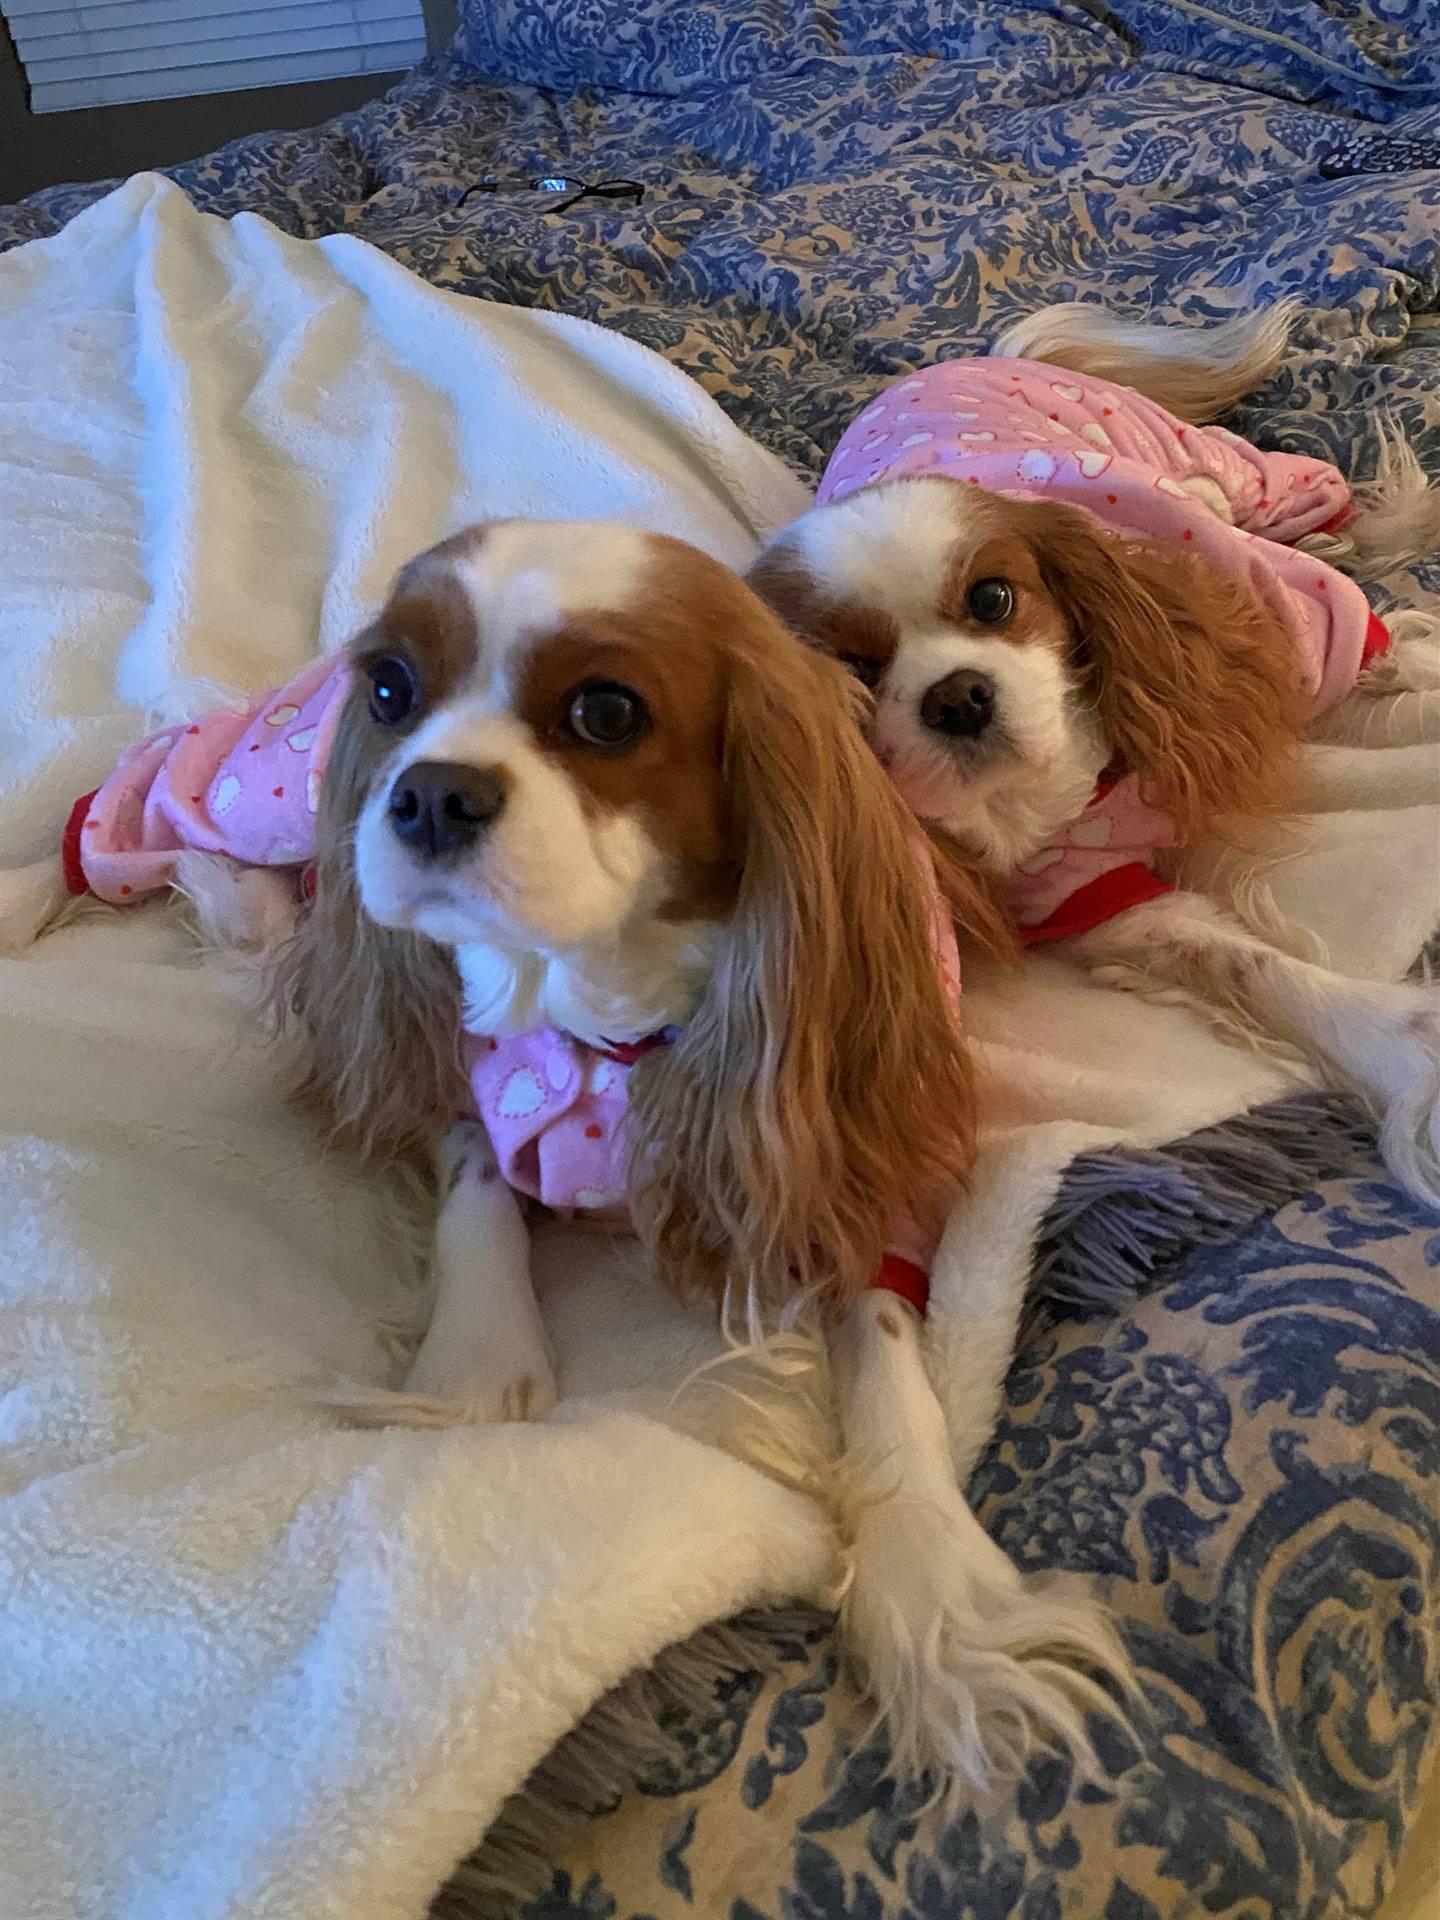 Mrs. Artino's pups